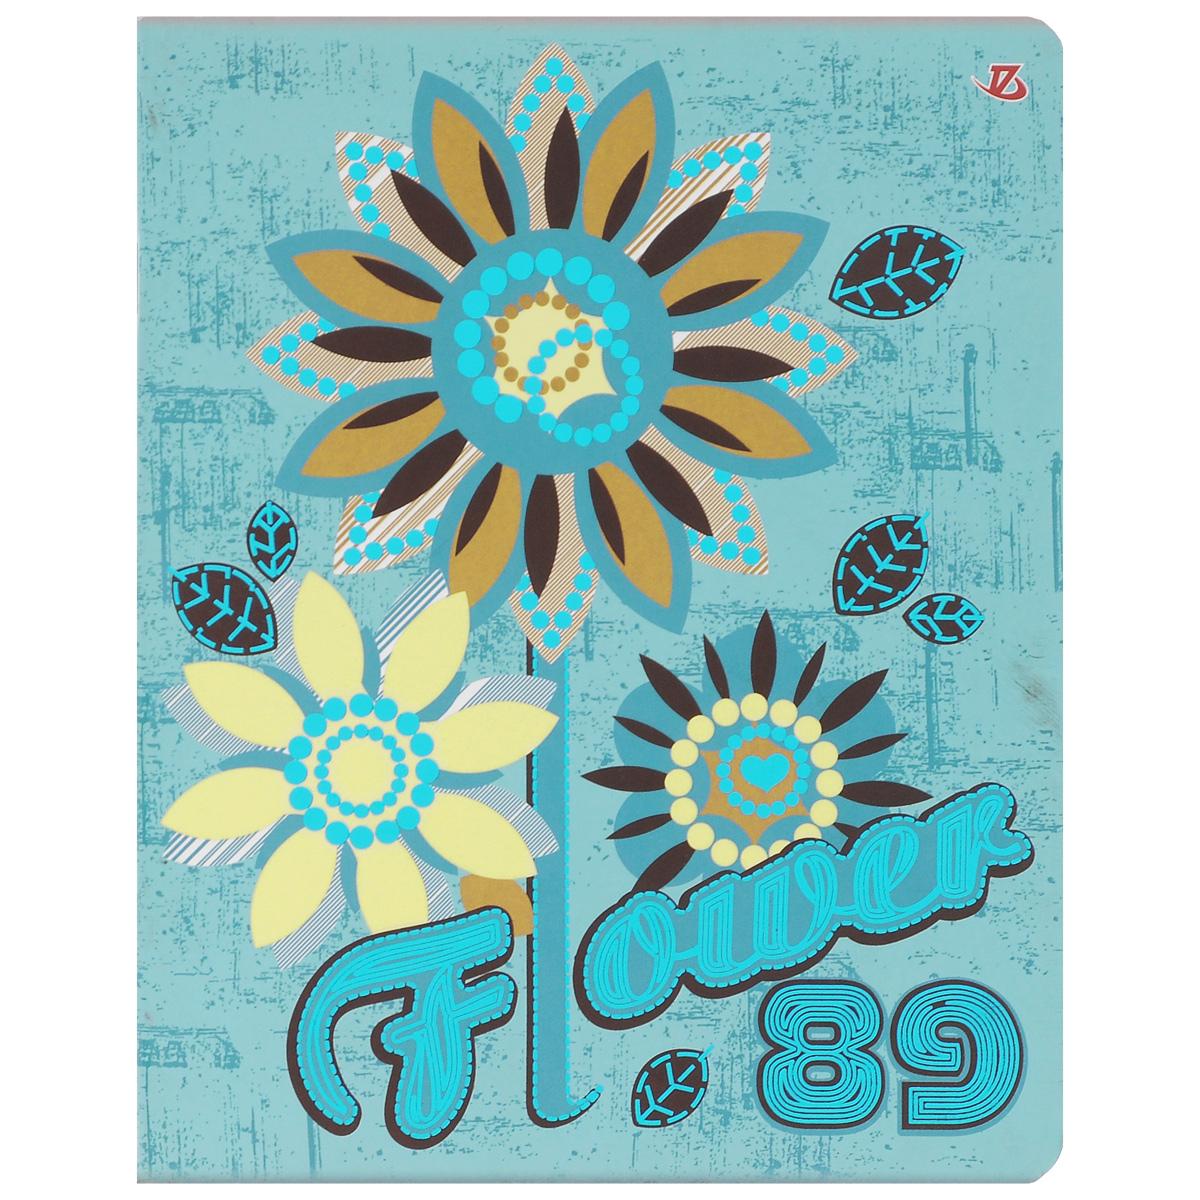 Тетрадь в клетку Seventeen Прекрасные цветы, 60 листов665-SBТетрадь Seventeen Прекрасные цветы изготовлена из высококачественной бумаги повышенной белизны.Яркая обложка тетради выполнена из мелованного картона с закругленными углами. Внутренний блок тетради, соединенный металлическими скрепками, состоит из 60 листов белой бумаги со стандартной линовкой в клетку с полями. Первая страничка содержит поля для заполнения личных данных.Тетрадь Прекрасные цветы подойдет для различных работ и студенту, и школьнику.